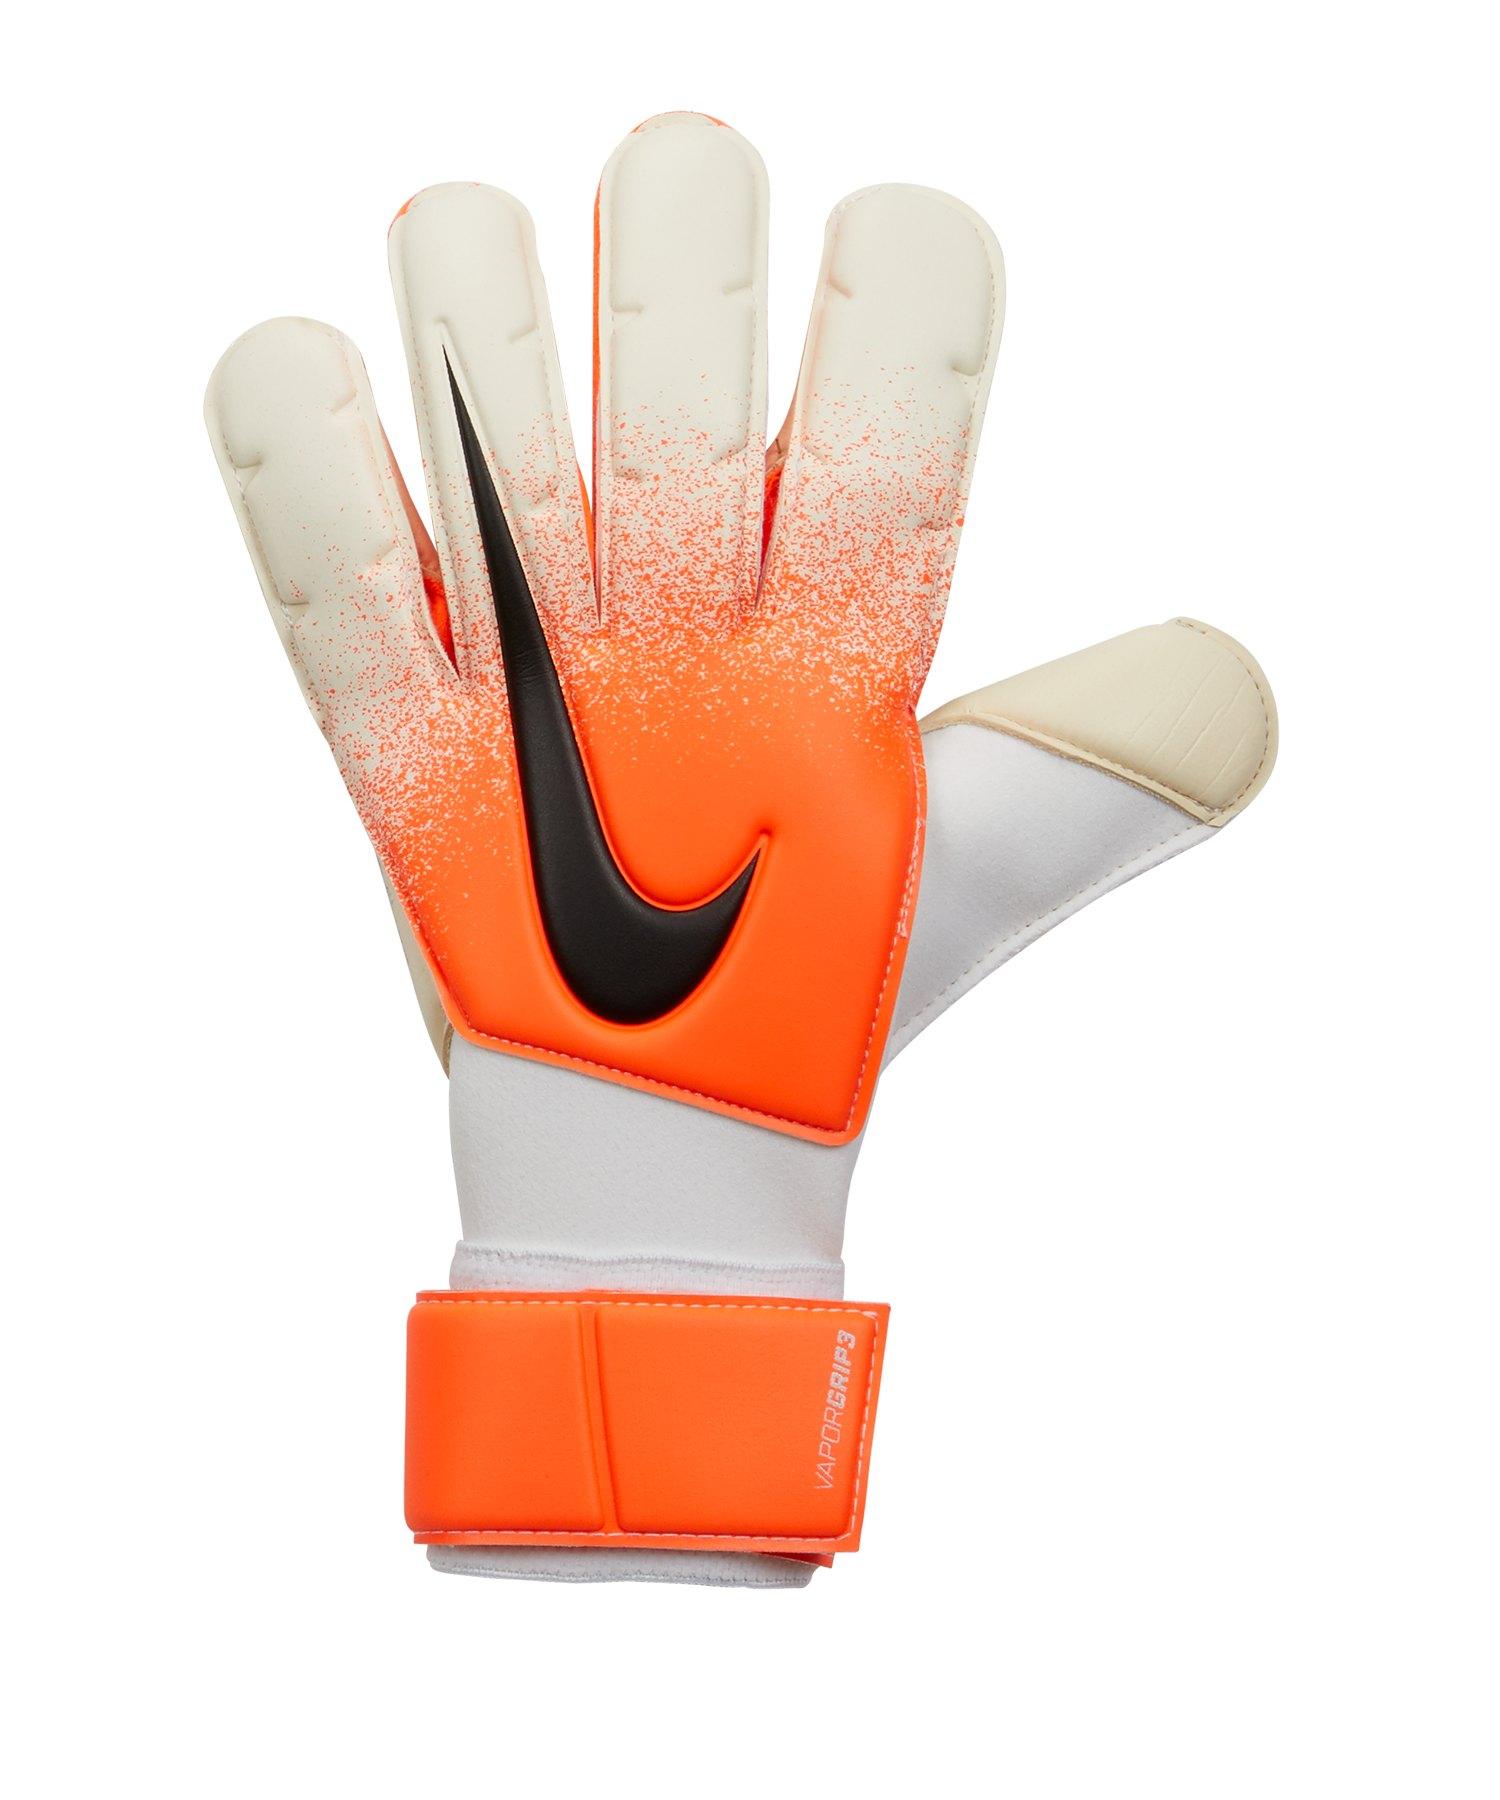 Nike Grip3 Torwarthandschuh Weiss Rot F100 - Weiss